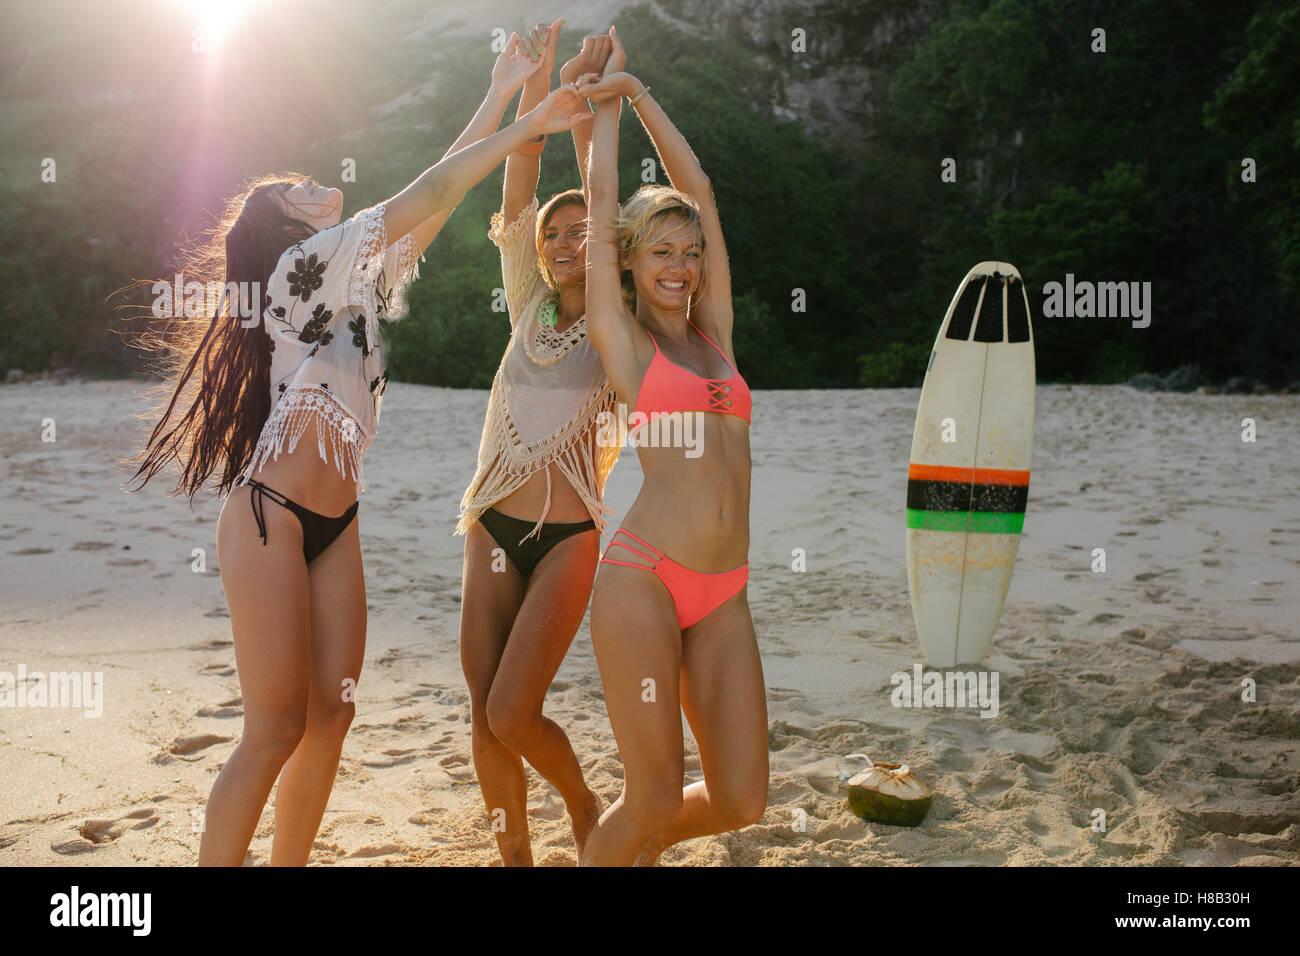 Glücklich Freundinnen am Strand feiern und tanzen. Frauen, die Spaß am Beach-Party. Stockbild